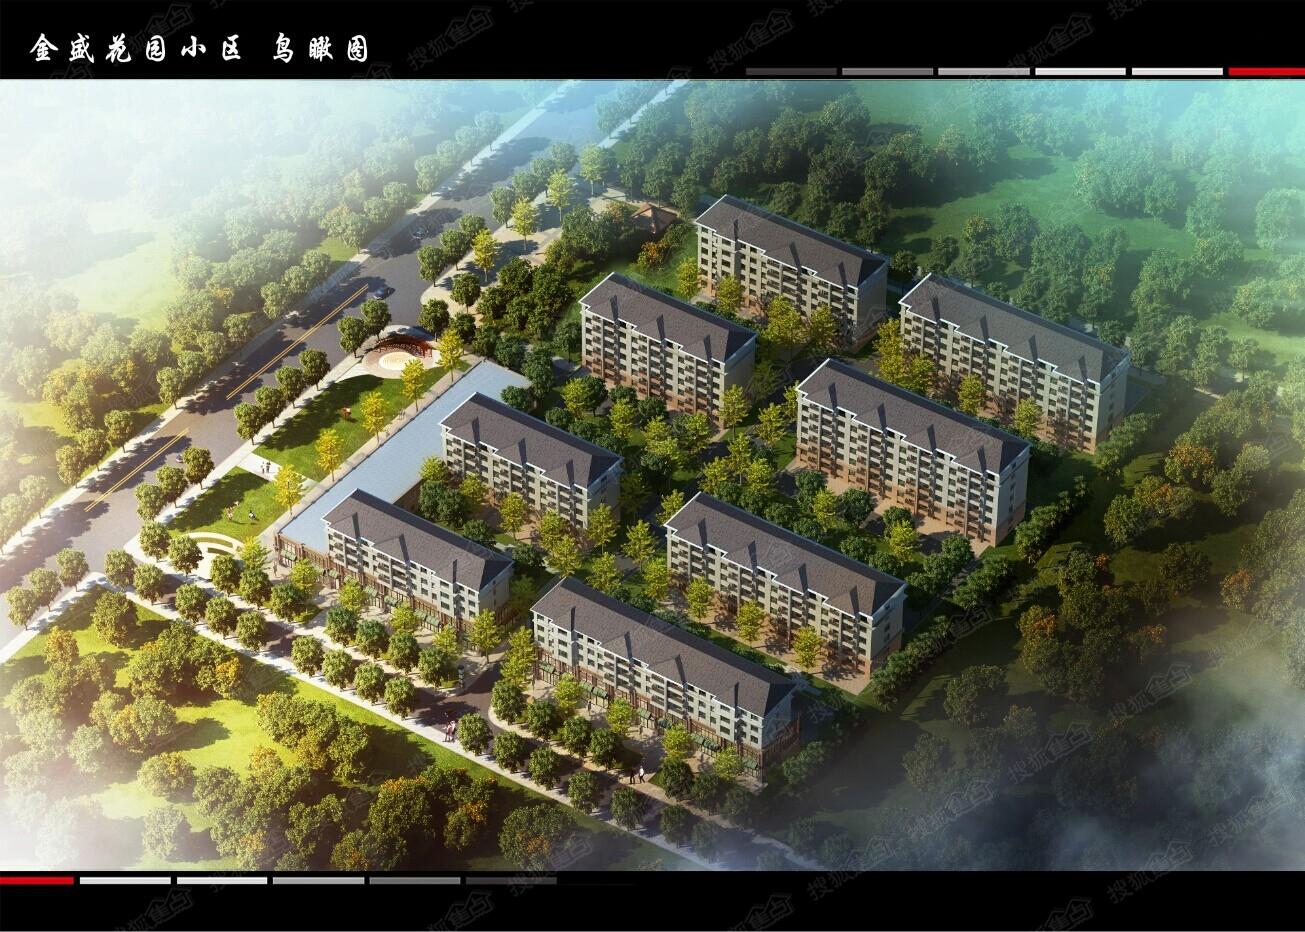 三居 (1) 查看全部户型 楼盘地址:普兰店瓦窝镇镇政府西200米查看地图